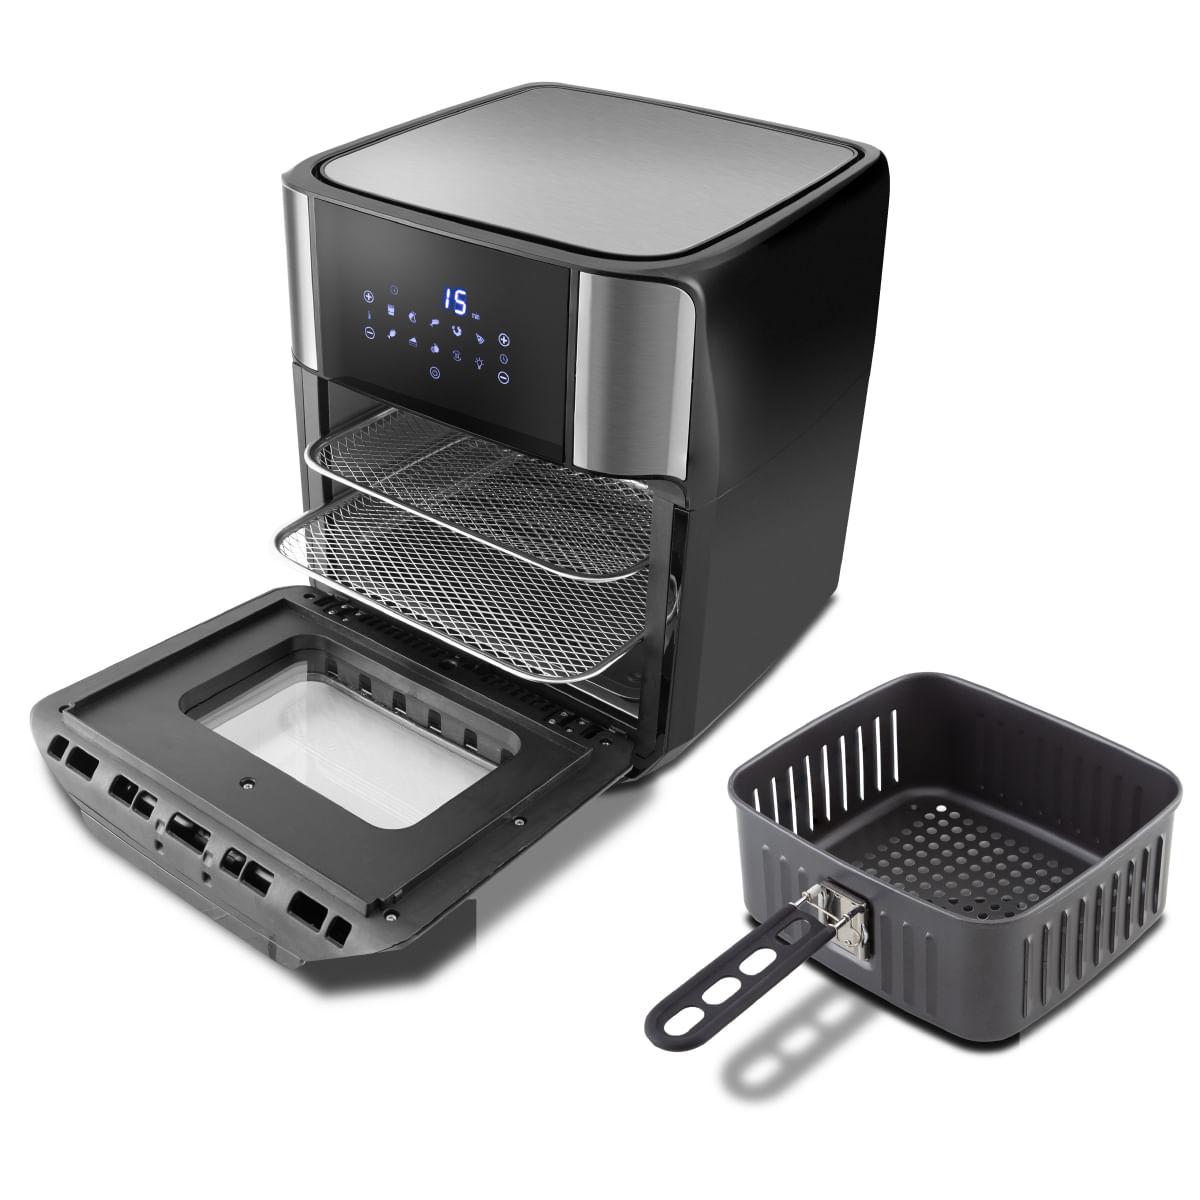 Fritadeira 2 em 1 Air Fry e Forno Oven 11L - PFR2000P - Philco